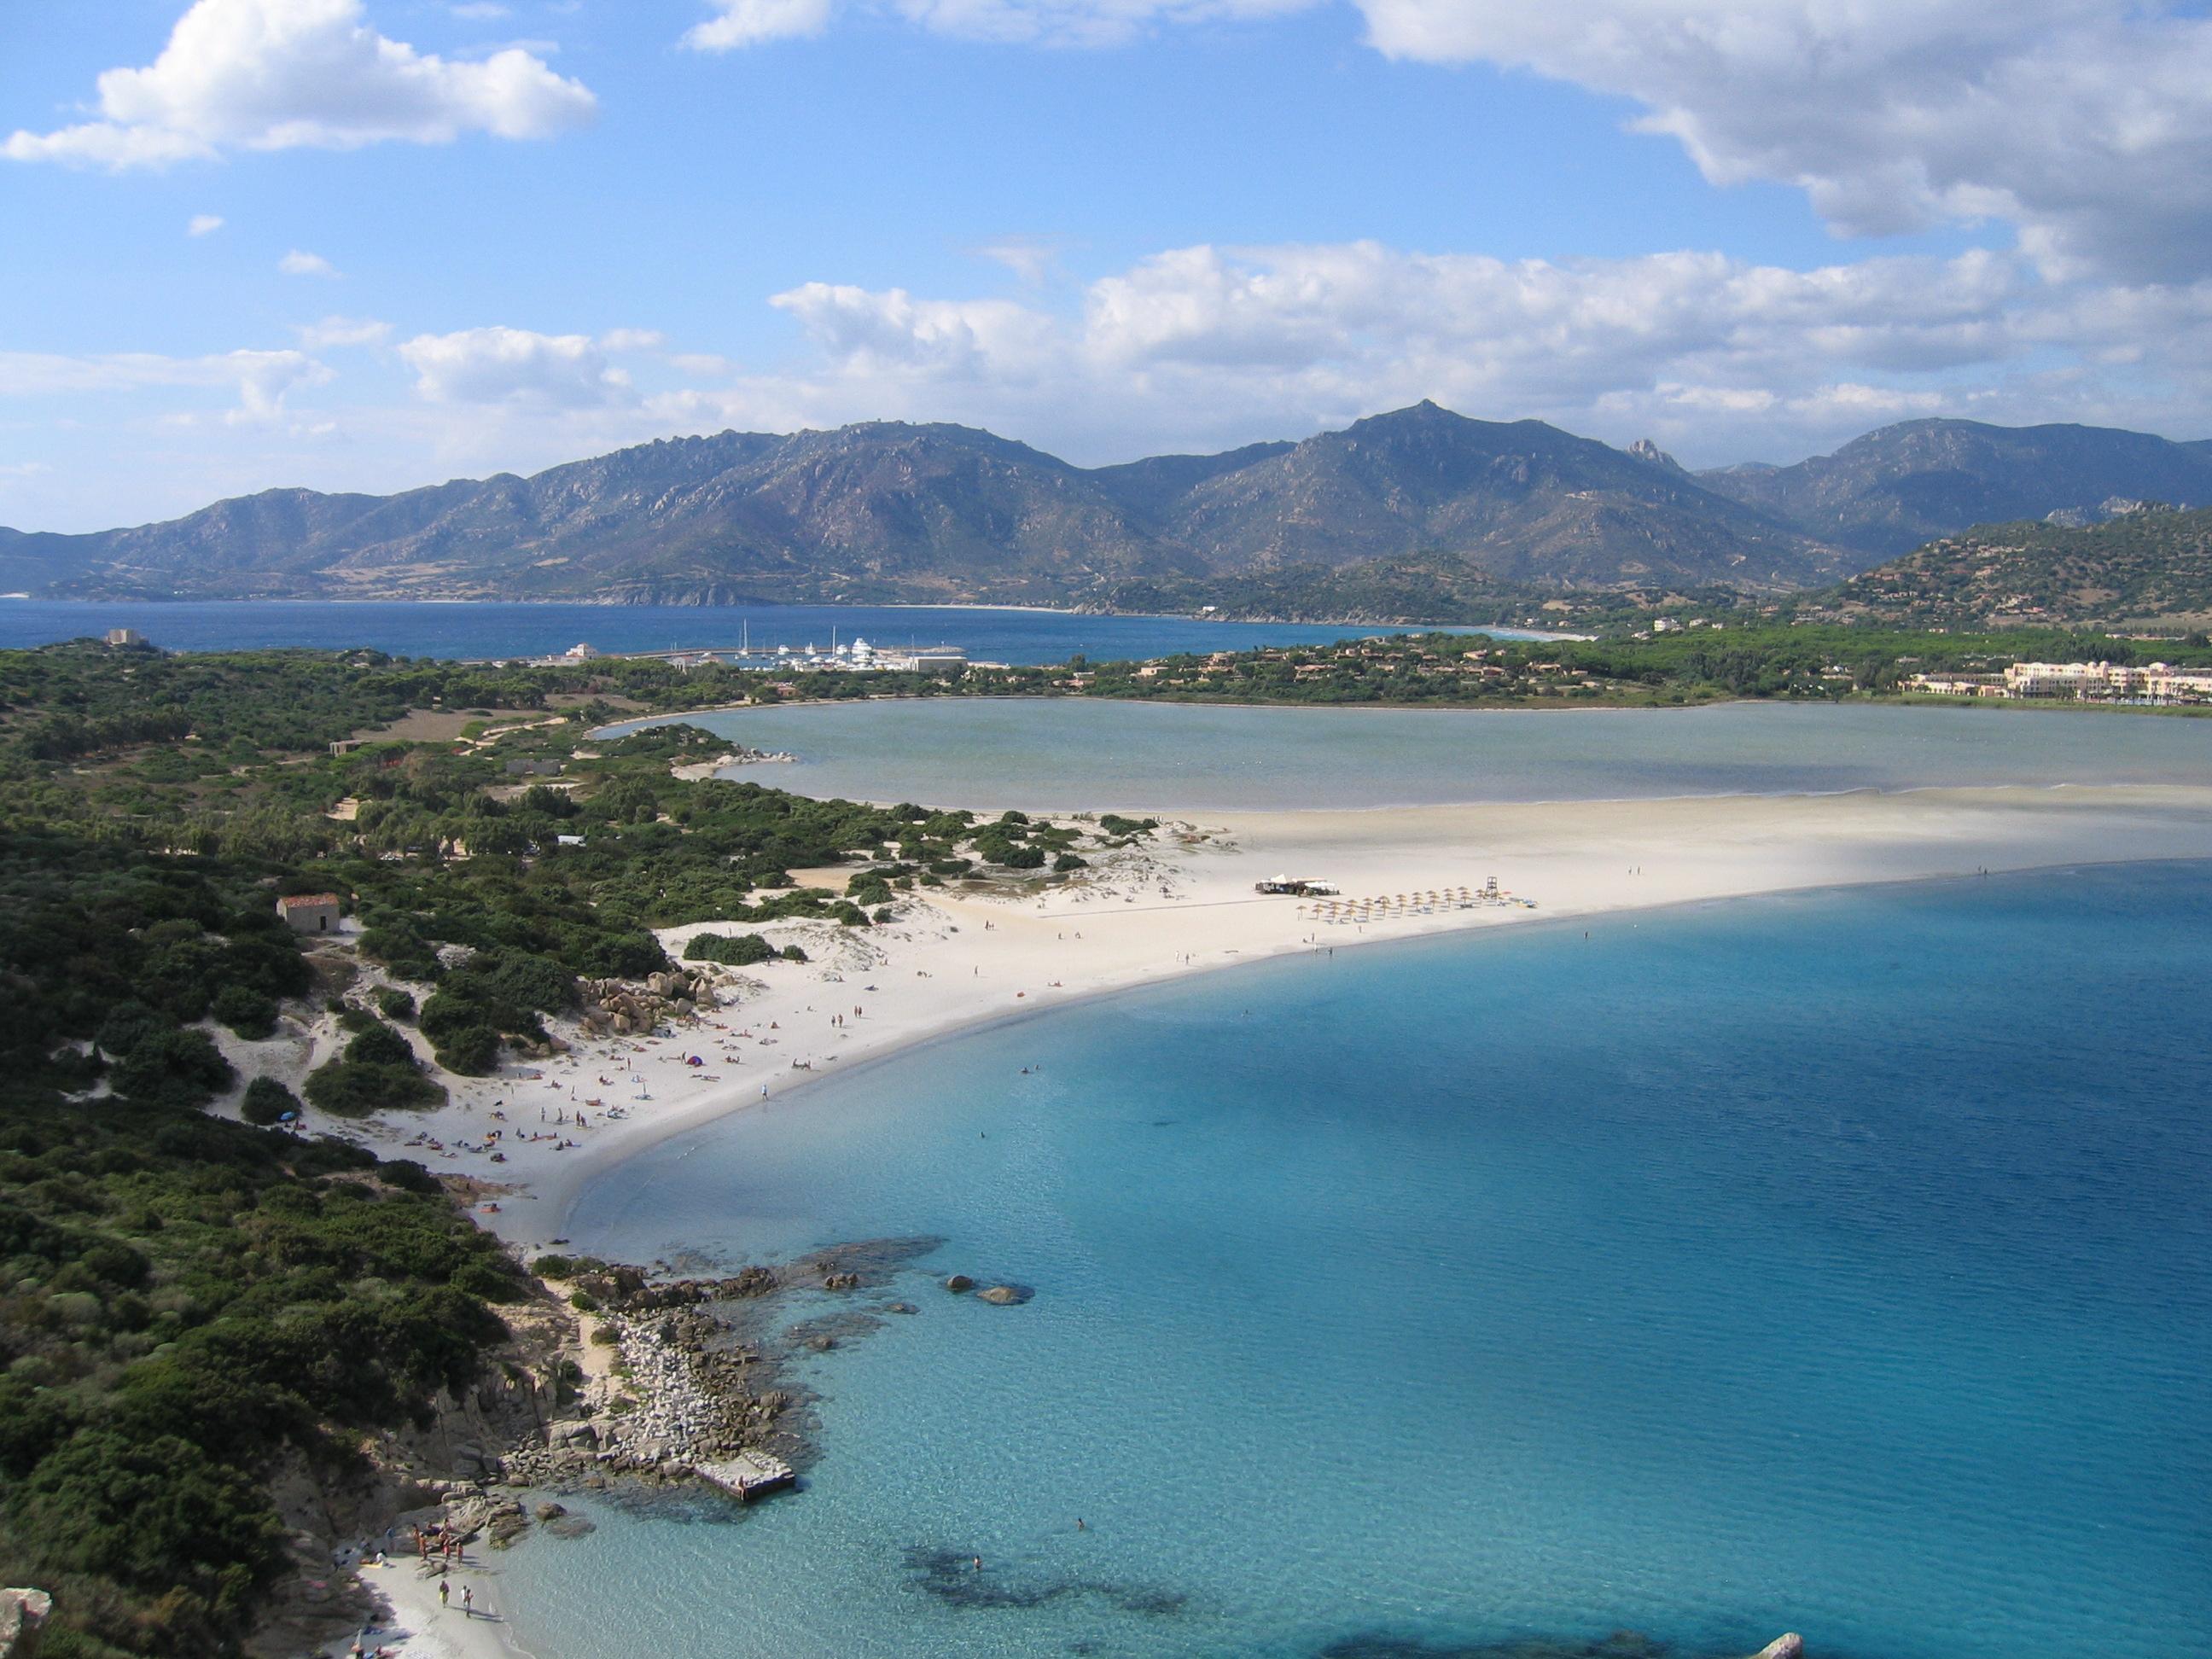 Что позволило сардинии стать лидером в процессе